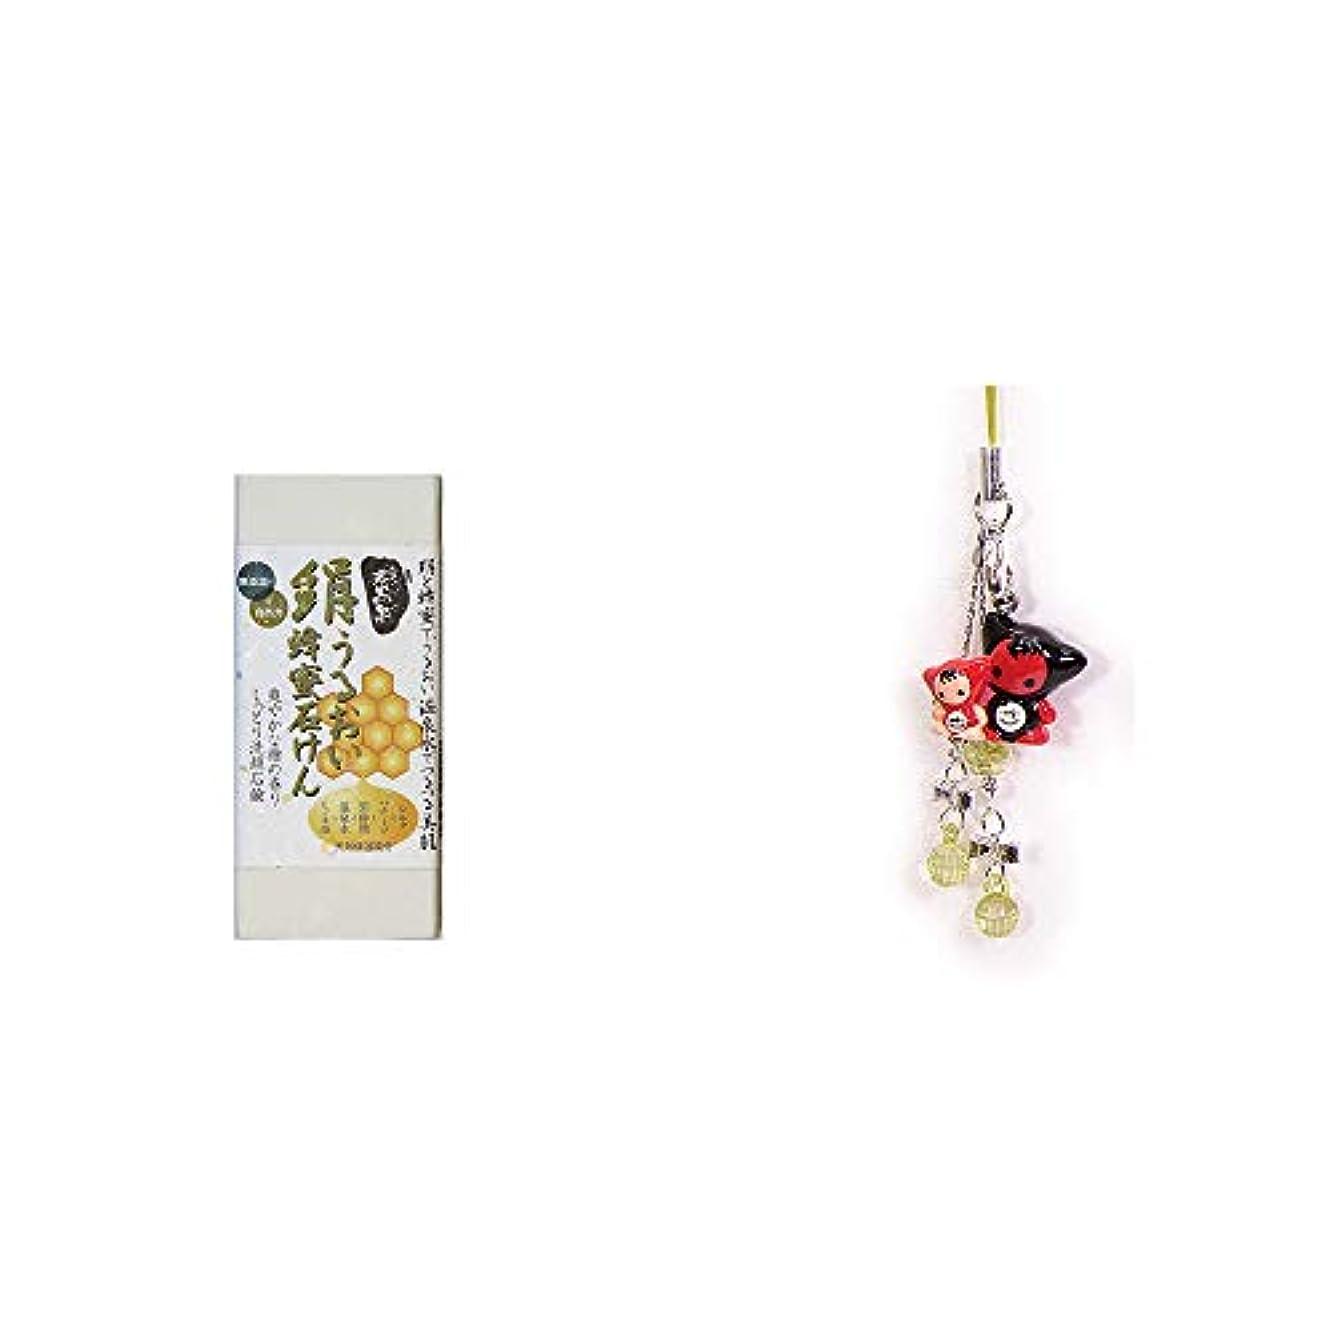 平野イソギンチャクボルト[2点セット] ひのき炭黒泉 絹うるおい蜂蜜石けん(75g×2)?さるぼぼペアビーズストラップ 【緑】/縁結び?魔除け//